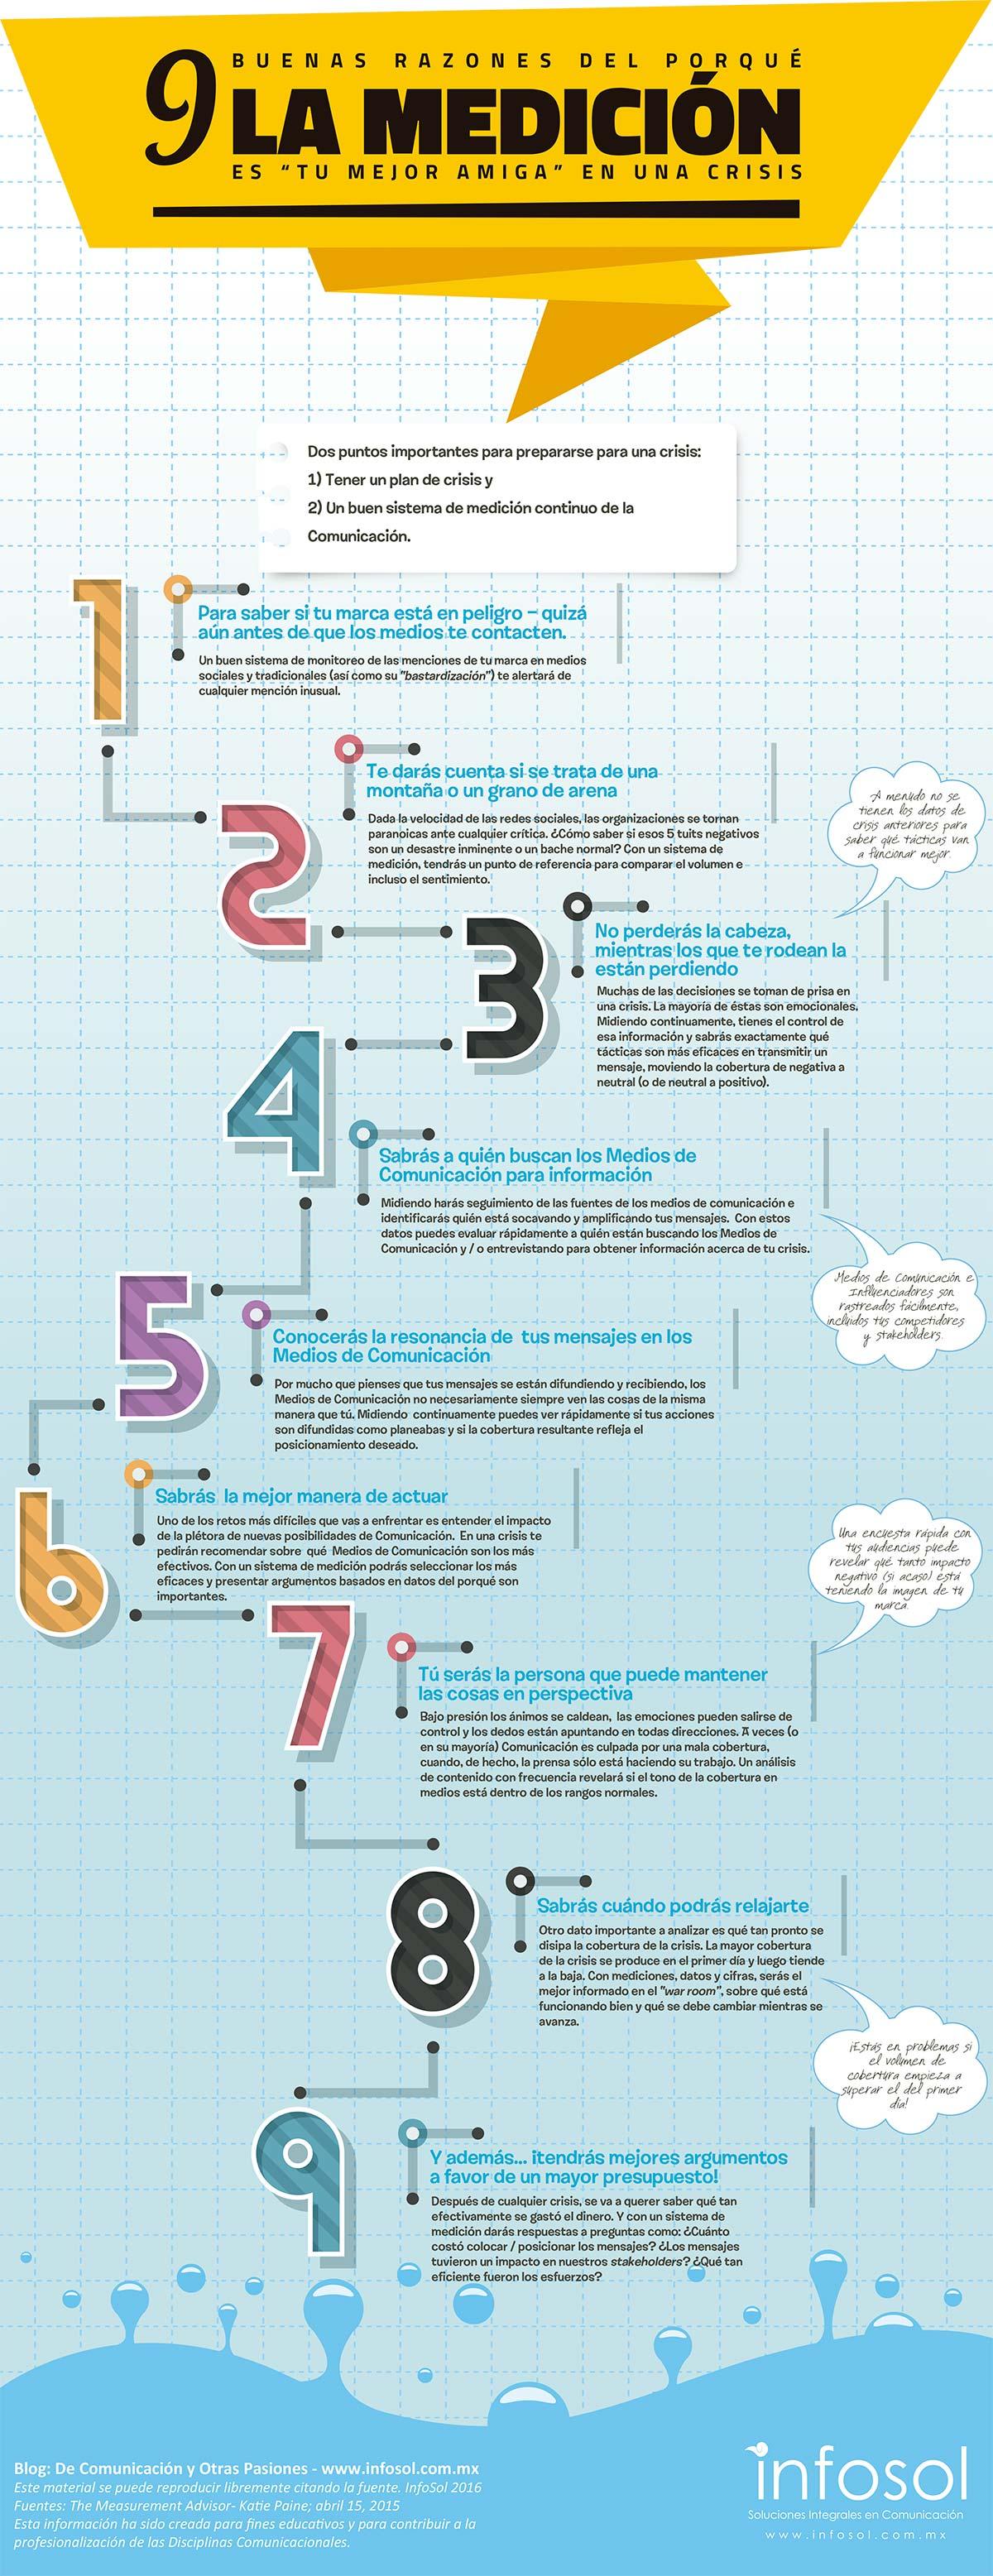 """9 razones del porqué la medición es """"tu mejor amiga"""" en una crisis"""